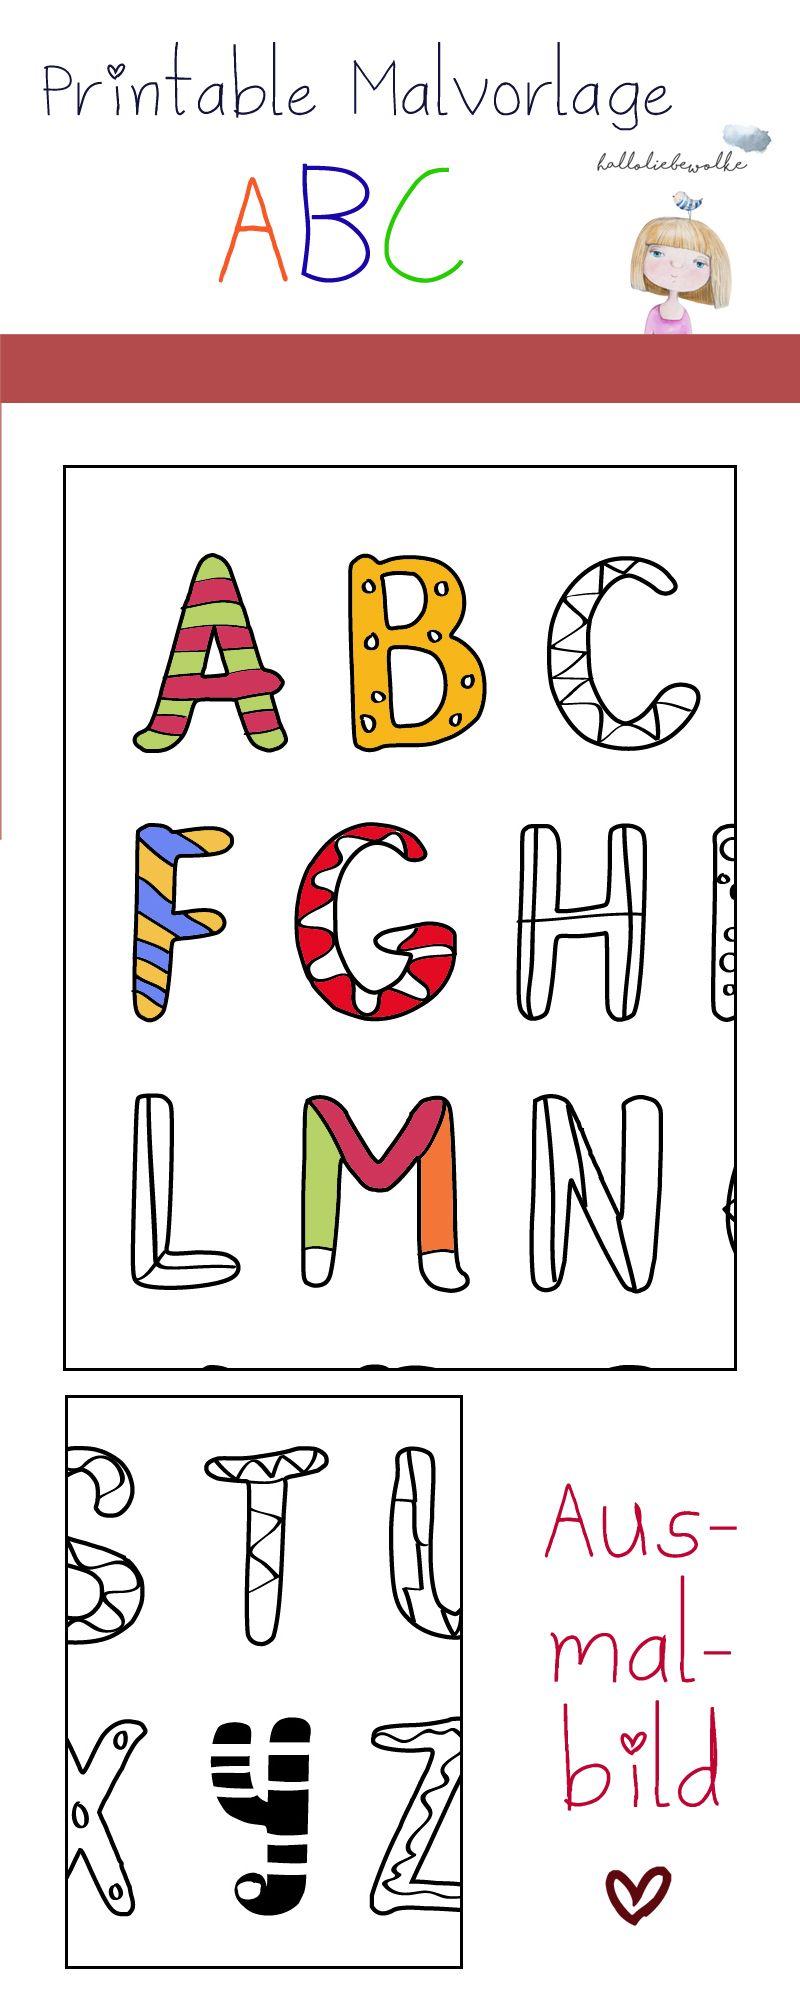 Printable & Malvorlage} Buchstaben lernen   Pinterest   Das alphabet ...